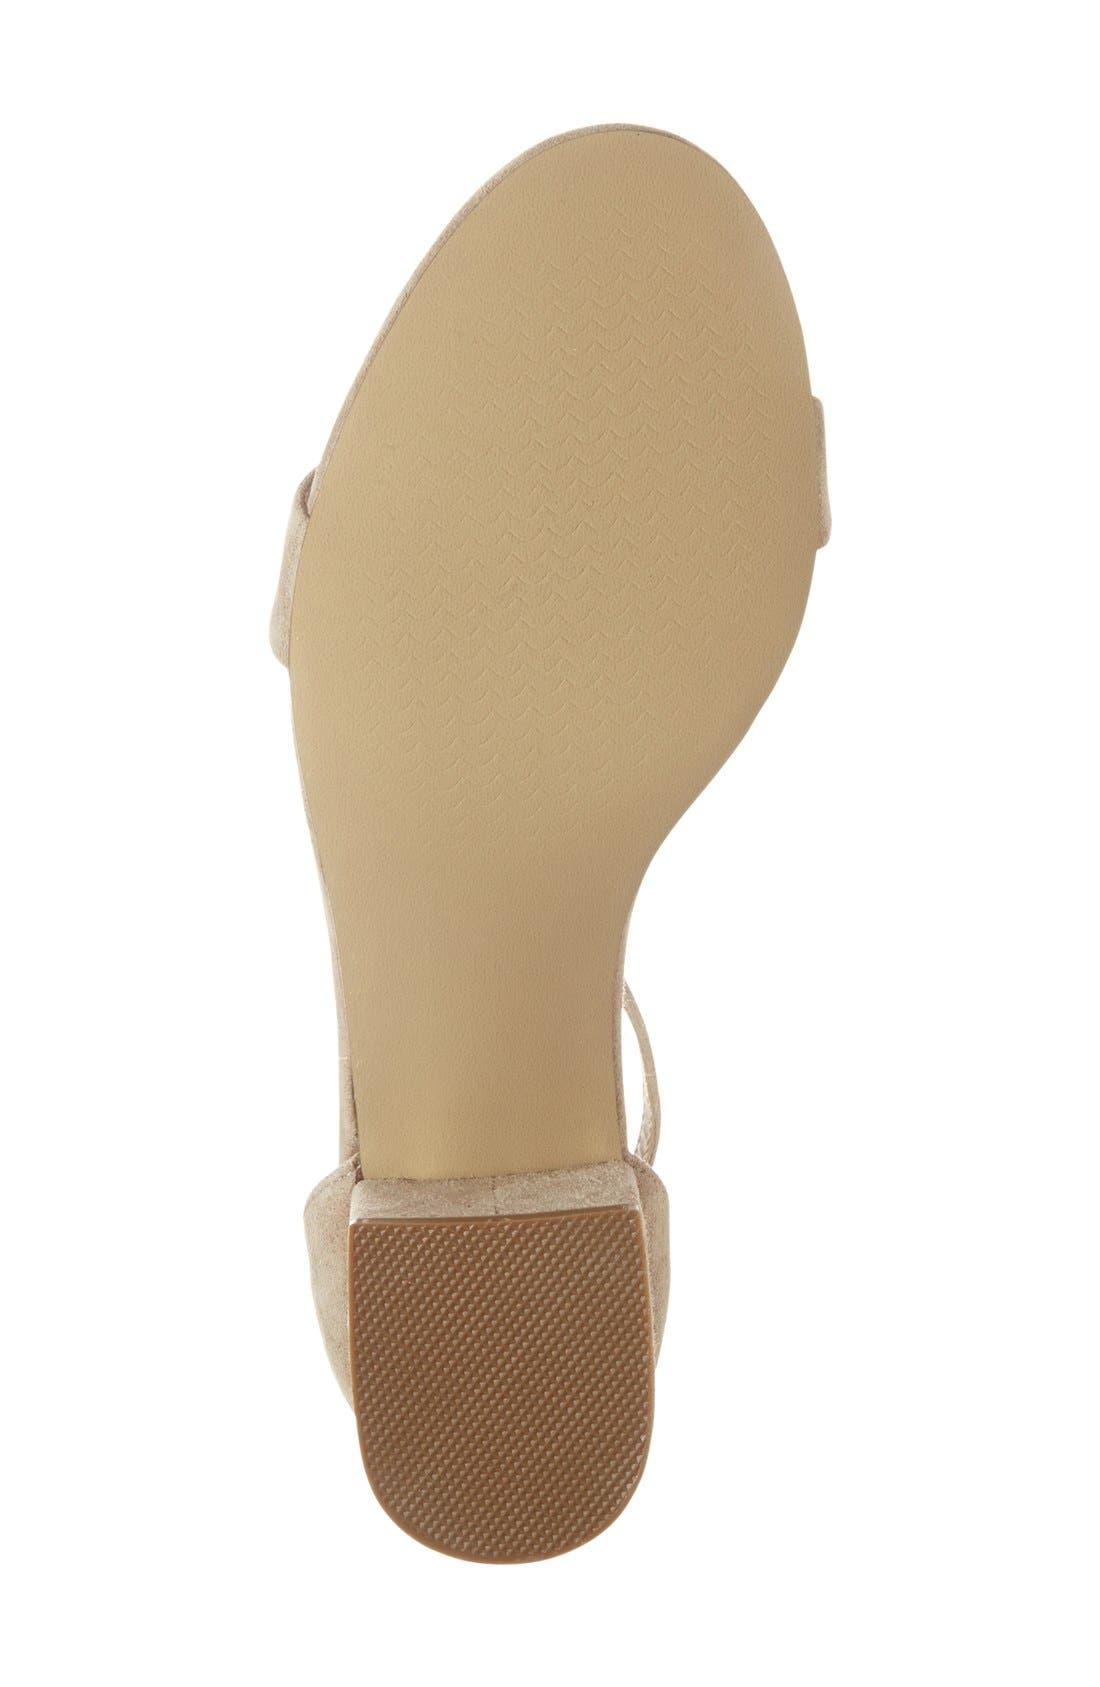 Irenee Ankle Strap Sandal,                             Alternate thumbnail 105, color,